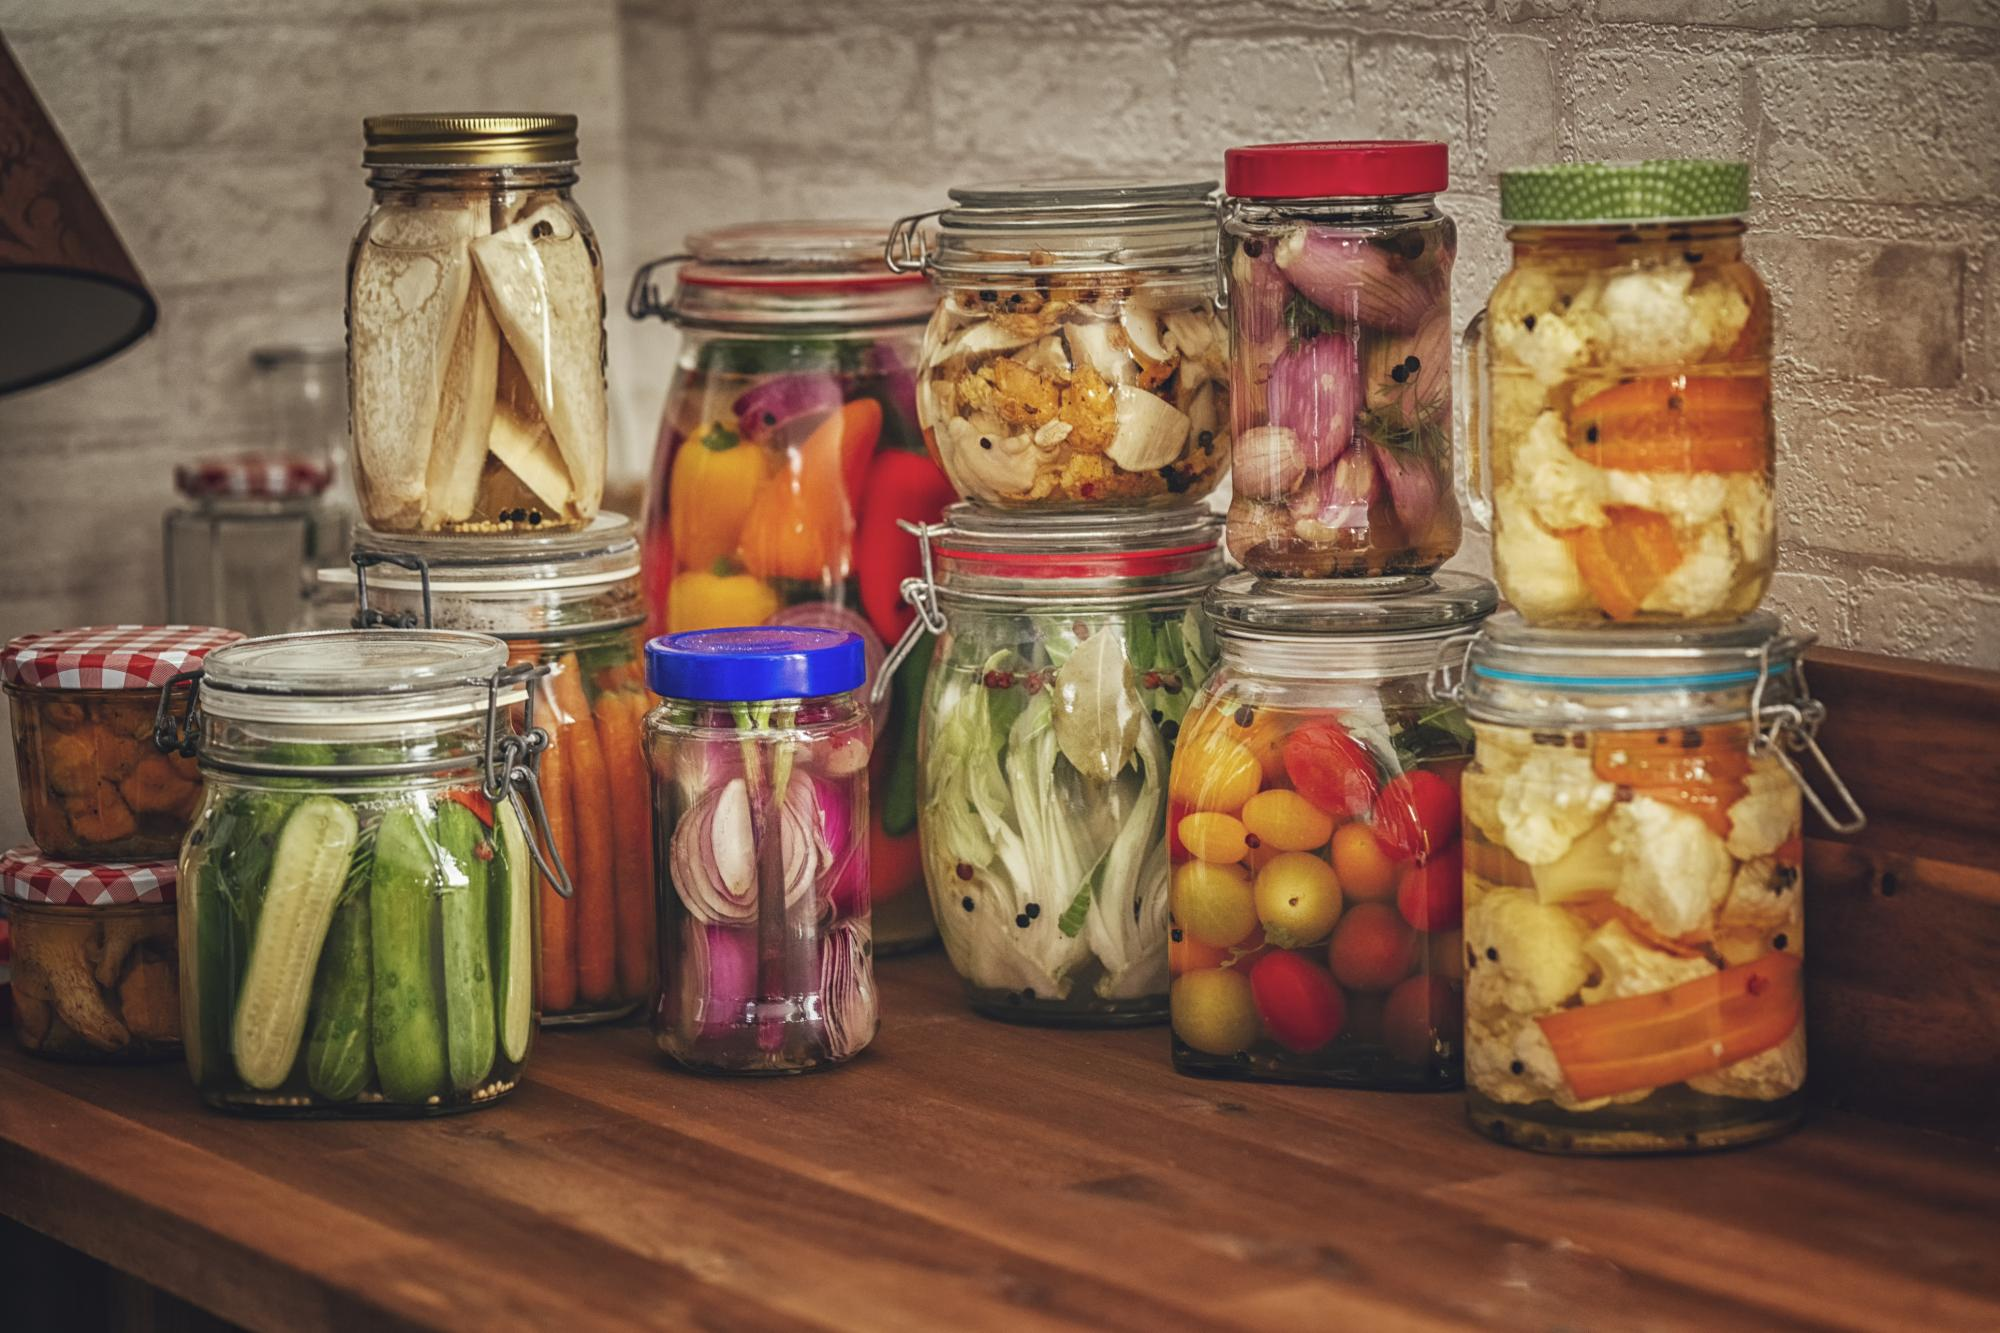 Comment mettre les saveurs estivales en bocal